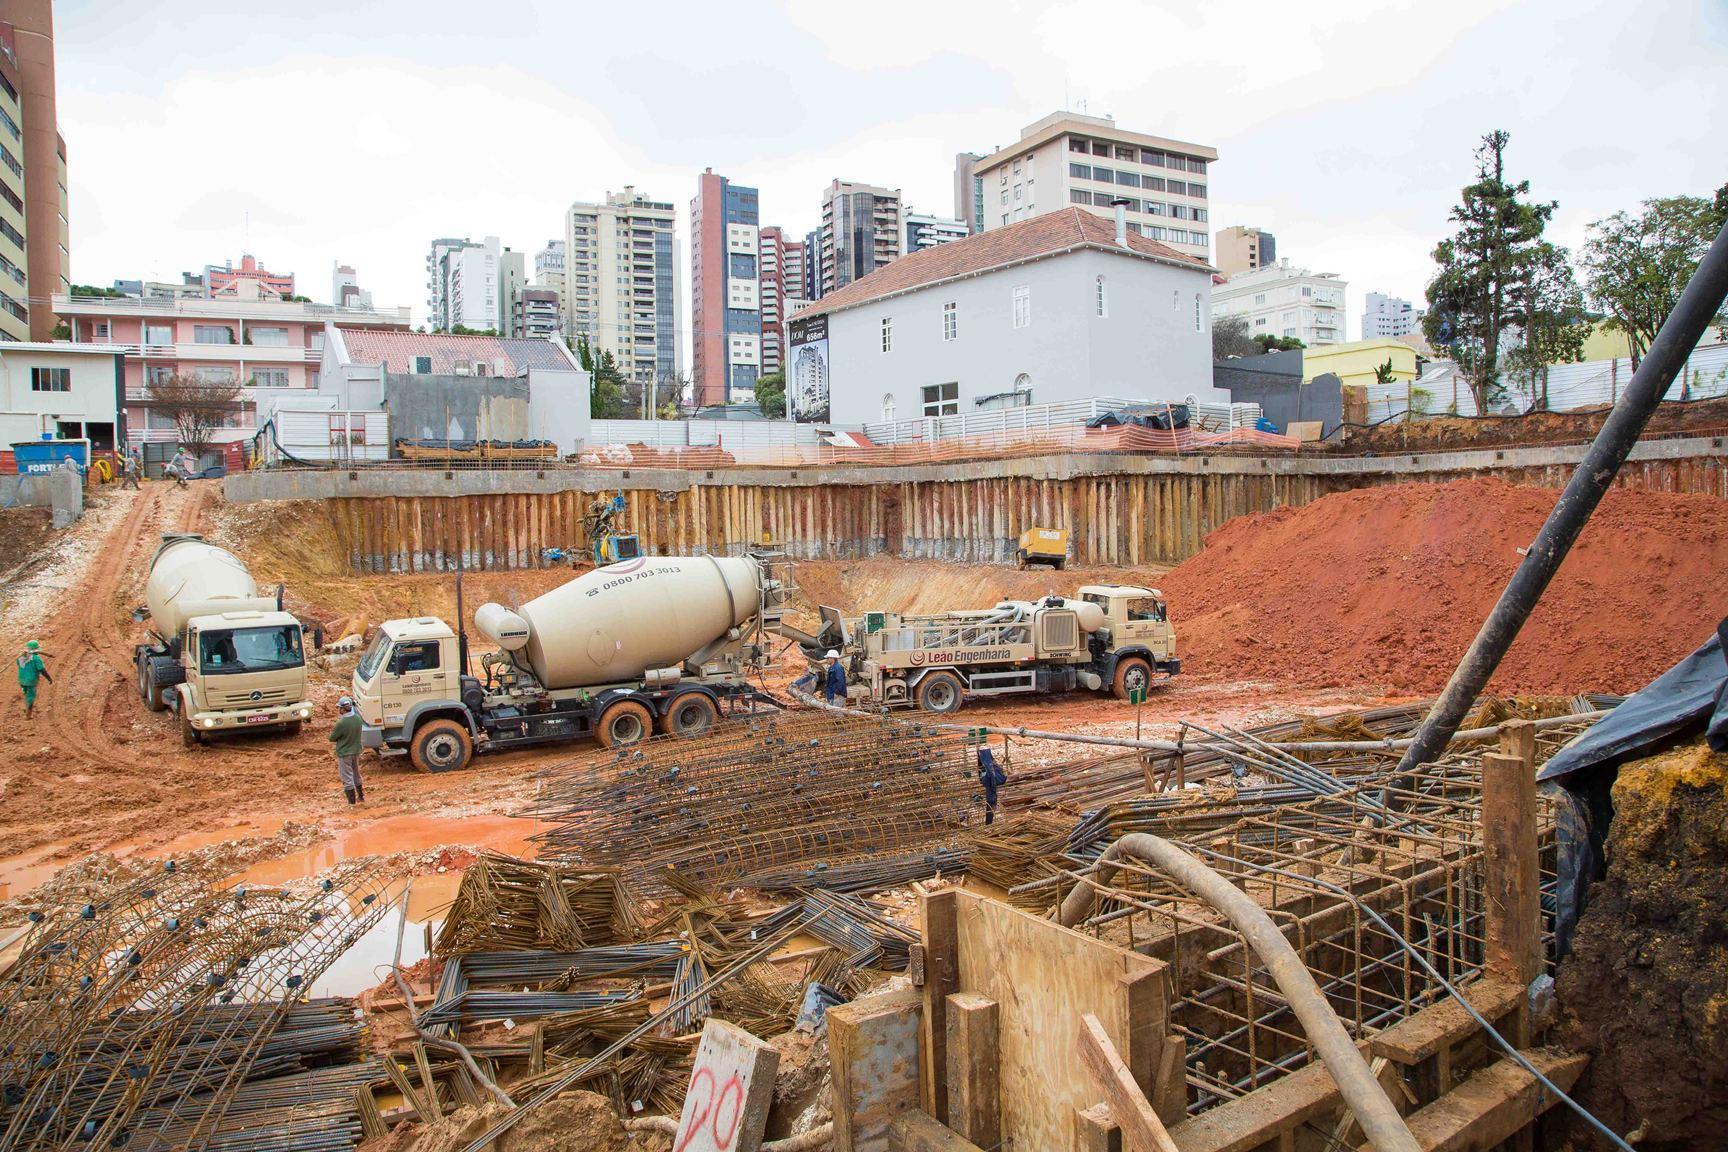 Fundação | Dom Batel – Apartamentono  Batel - Curitiba - Paraná